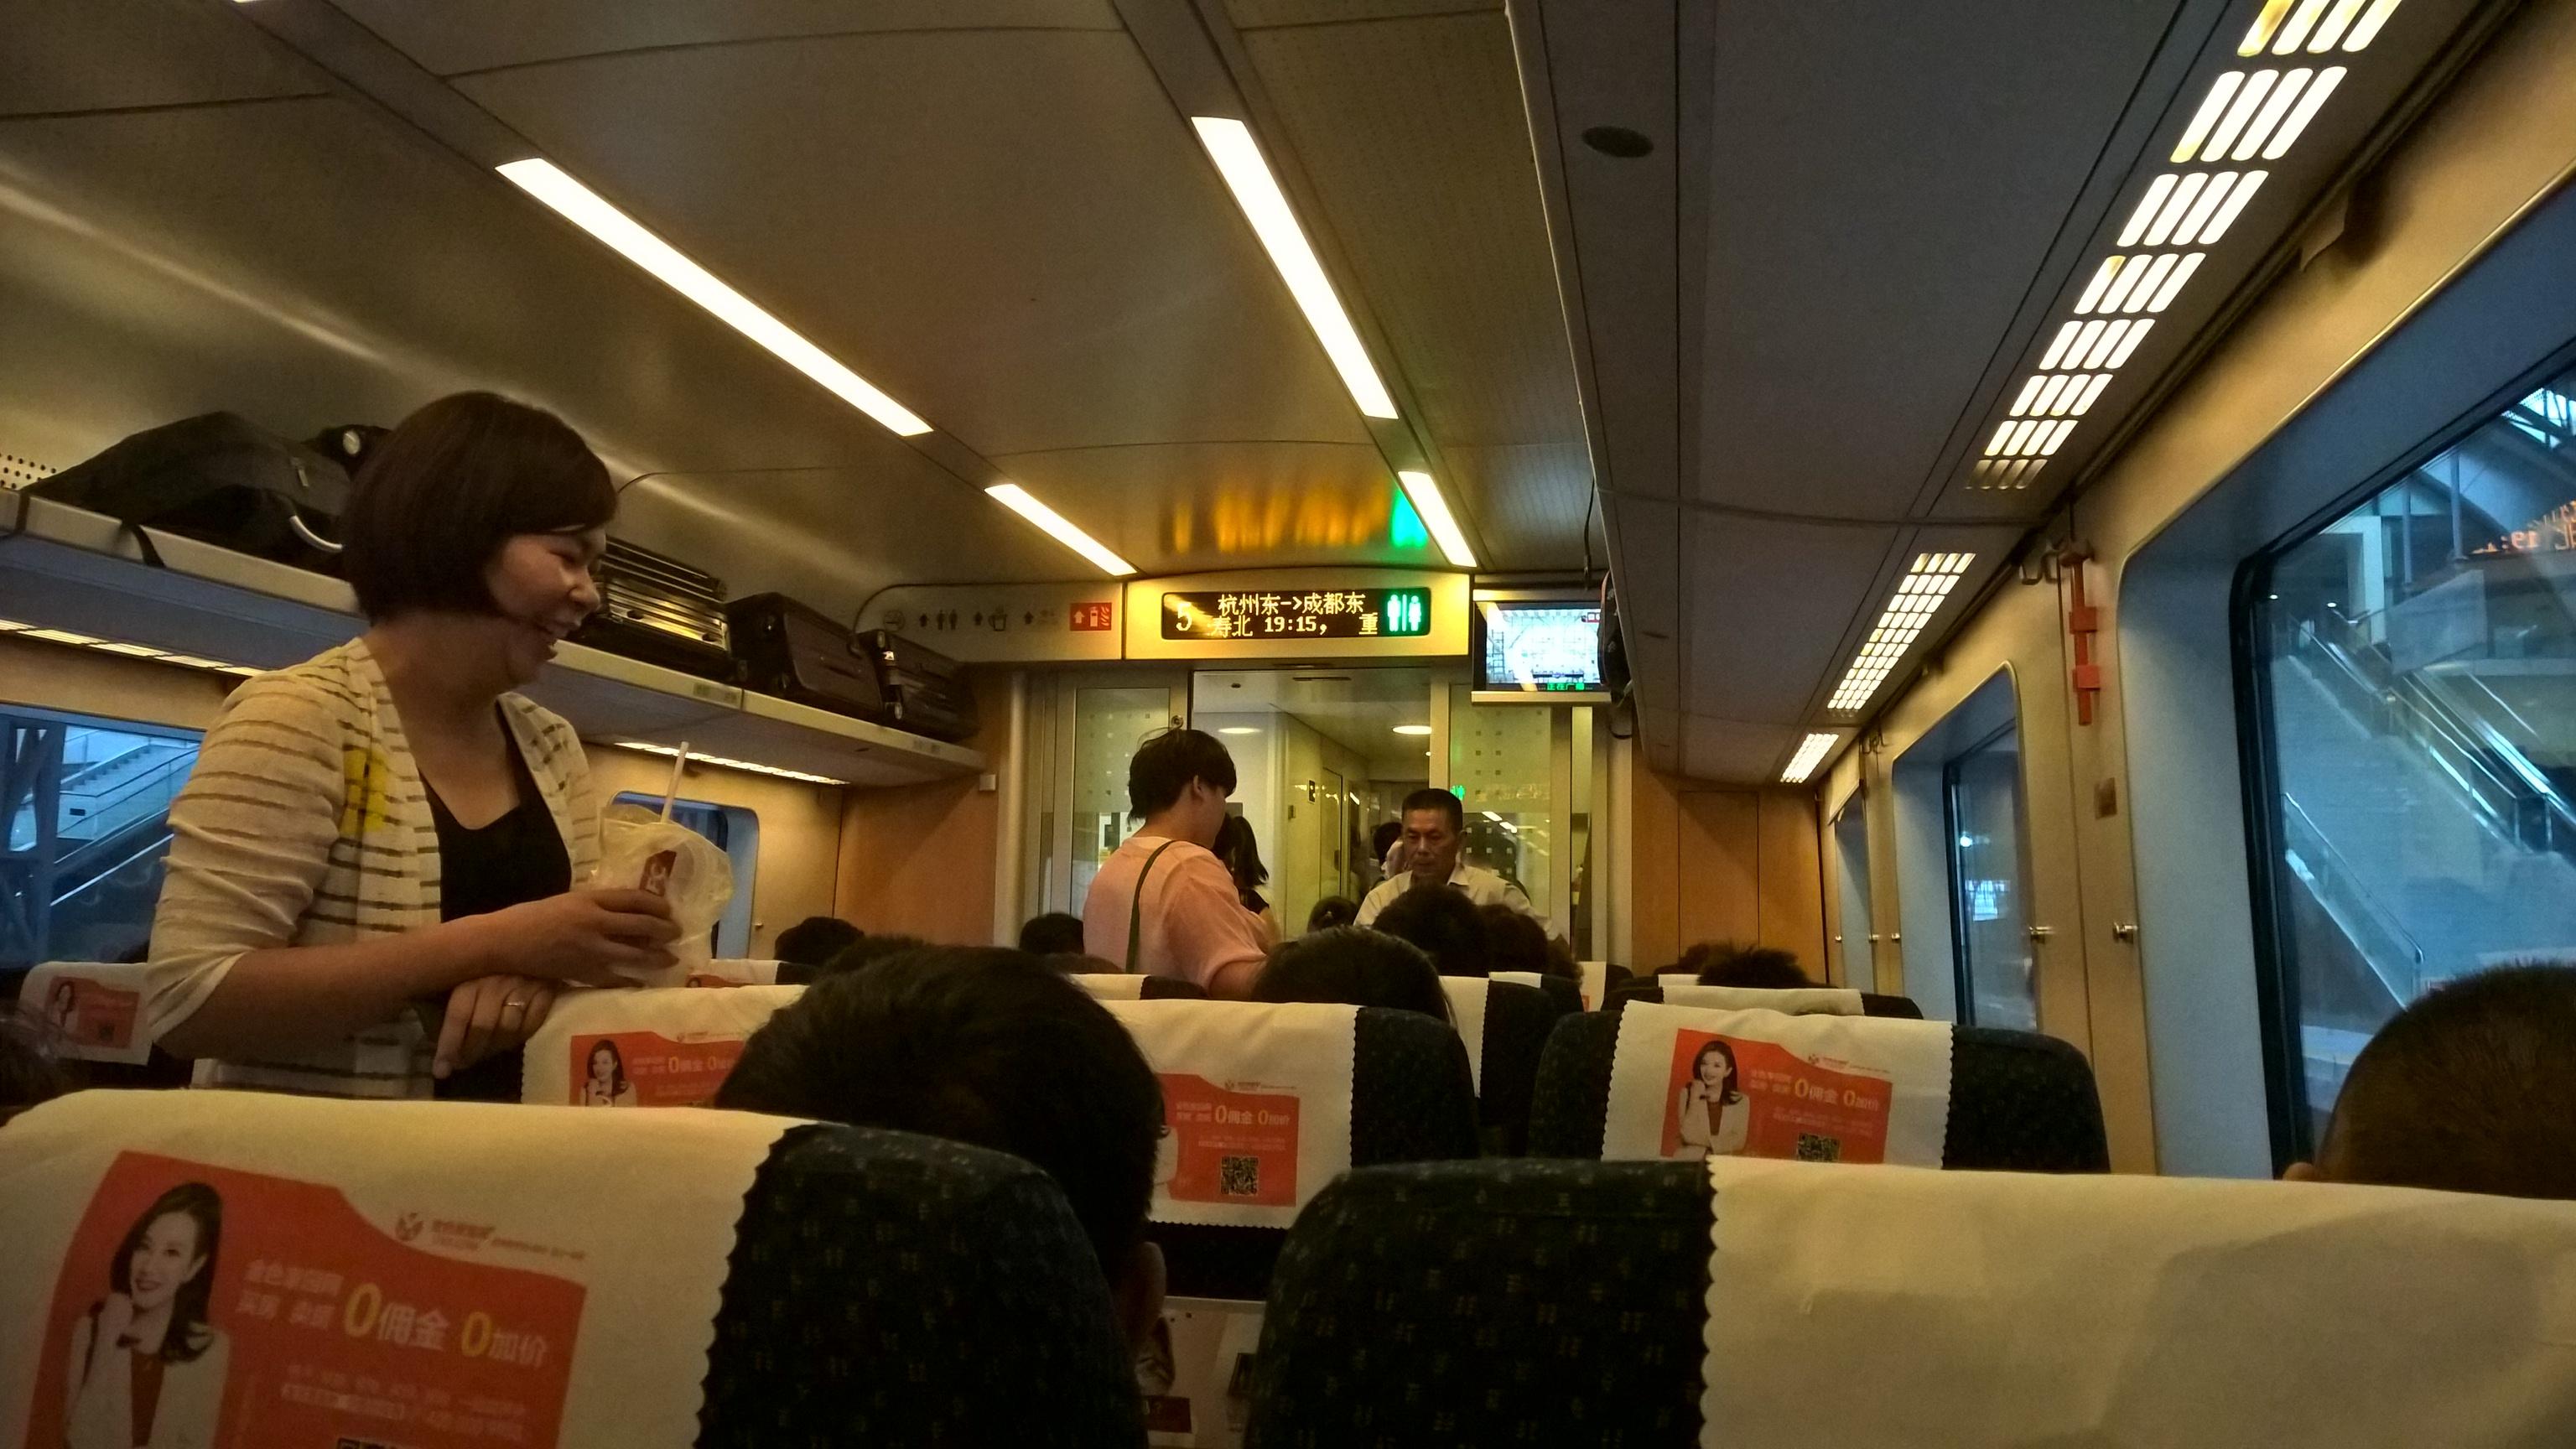 A Wuhan és Chongqing között használt, amúgy Chengduba közlekedő 'D' vonat belseje.